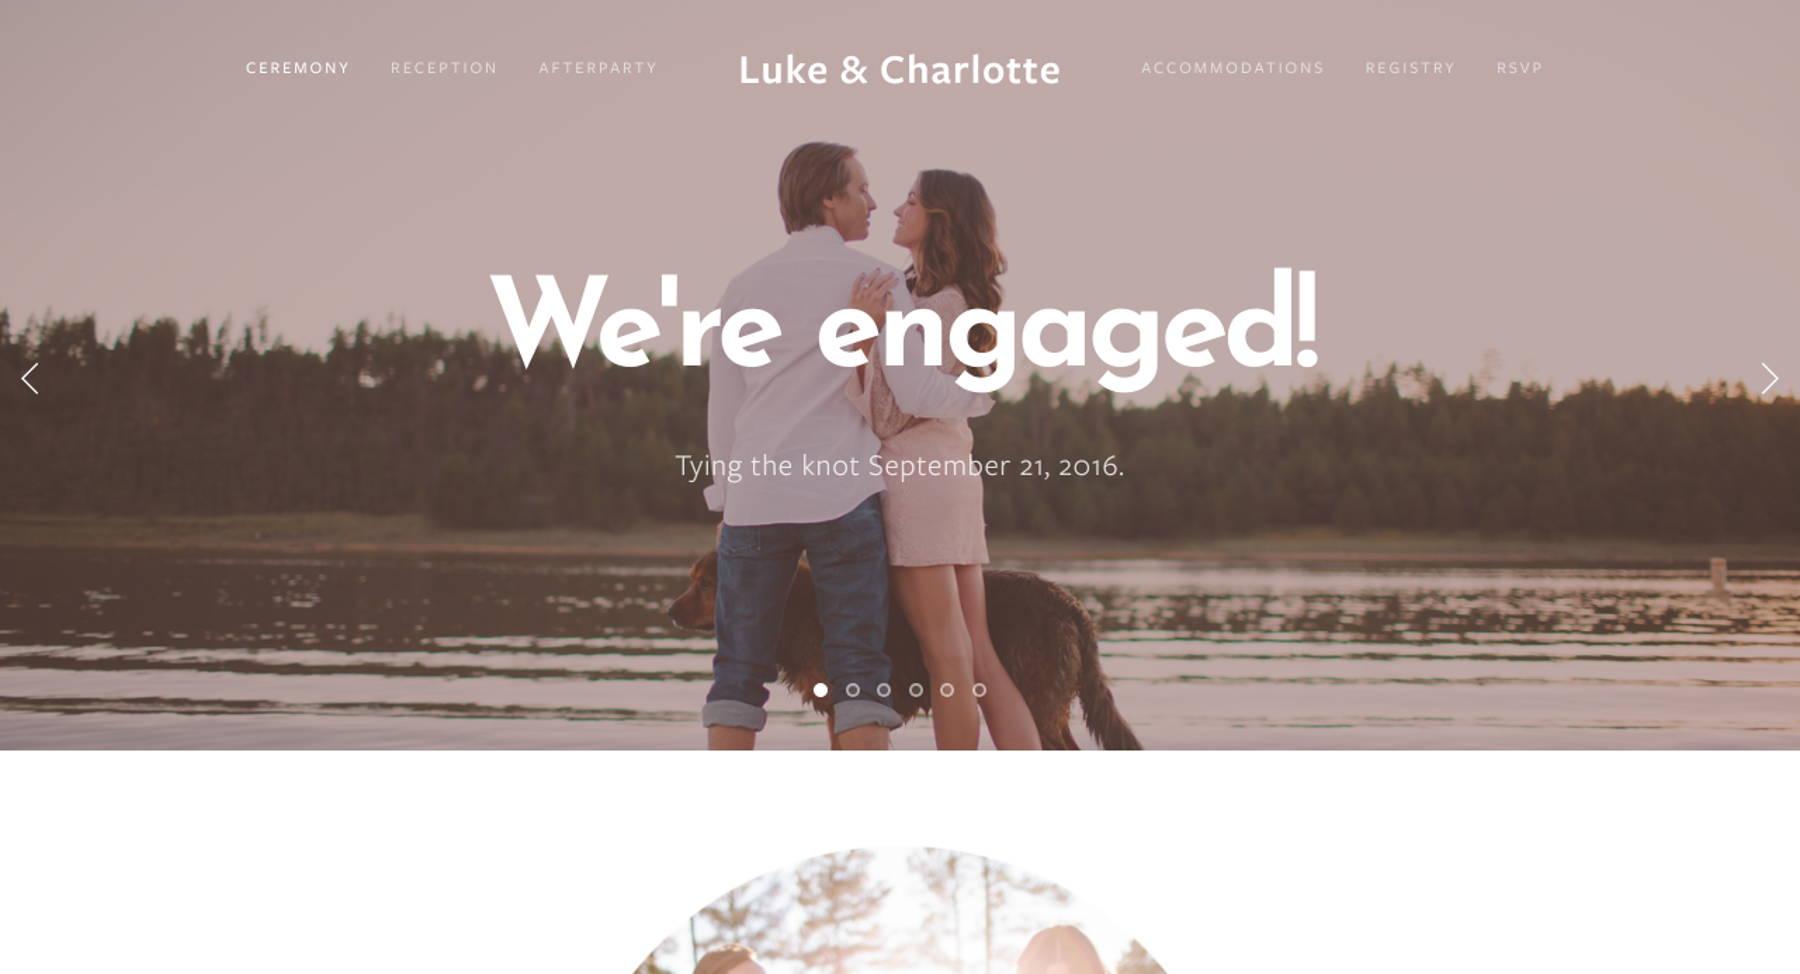 Luke & Charlotte